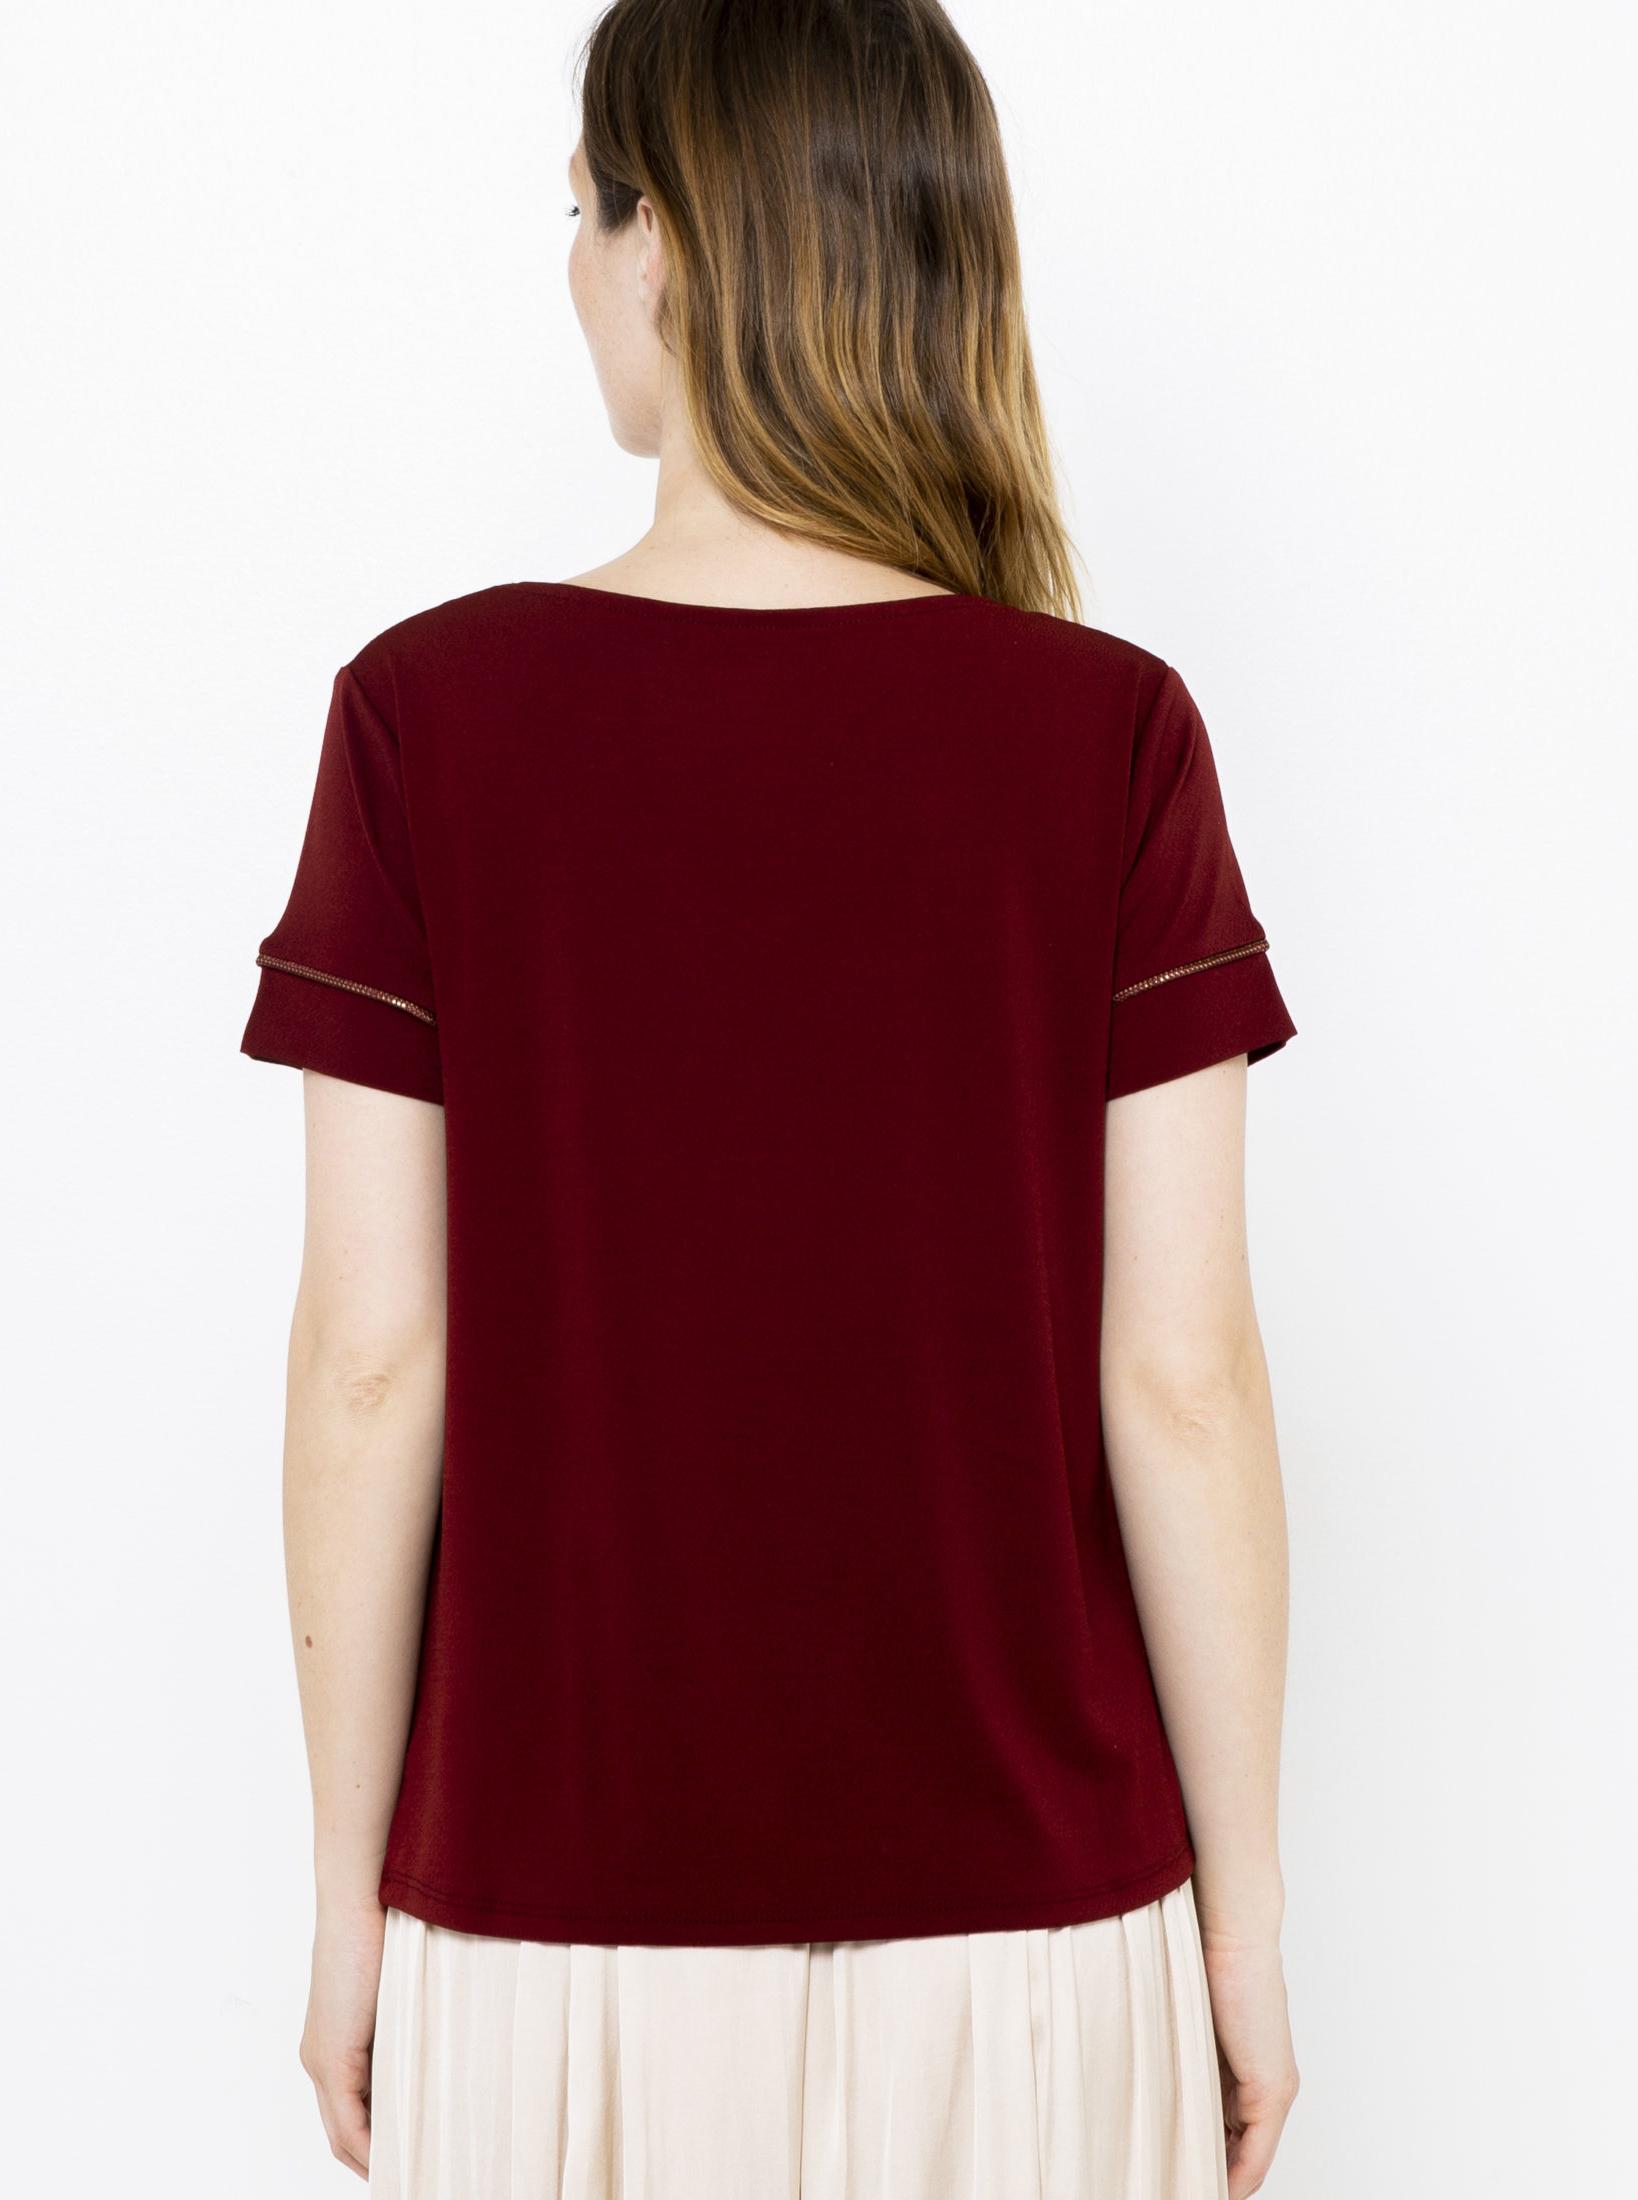 CAMAIEU vínové/bordové tričko